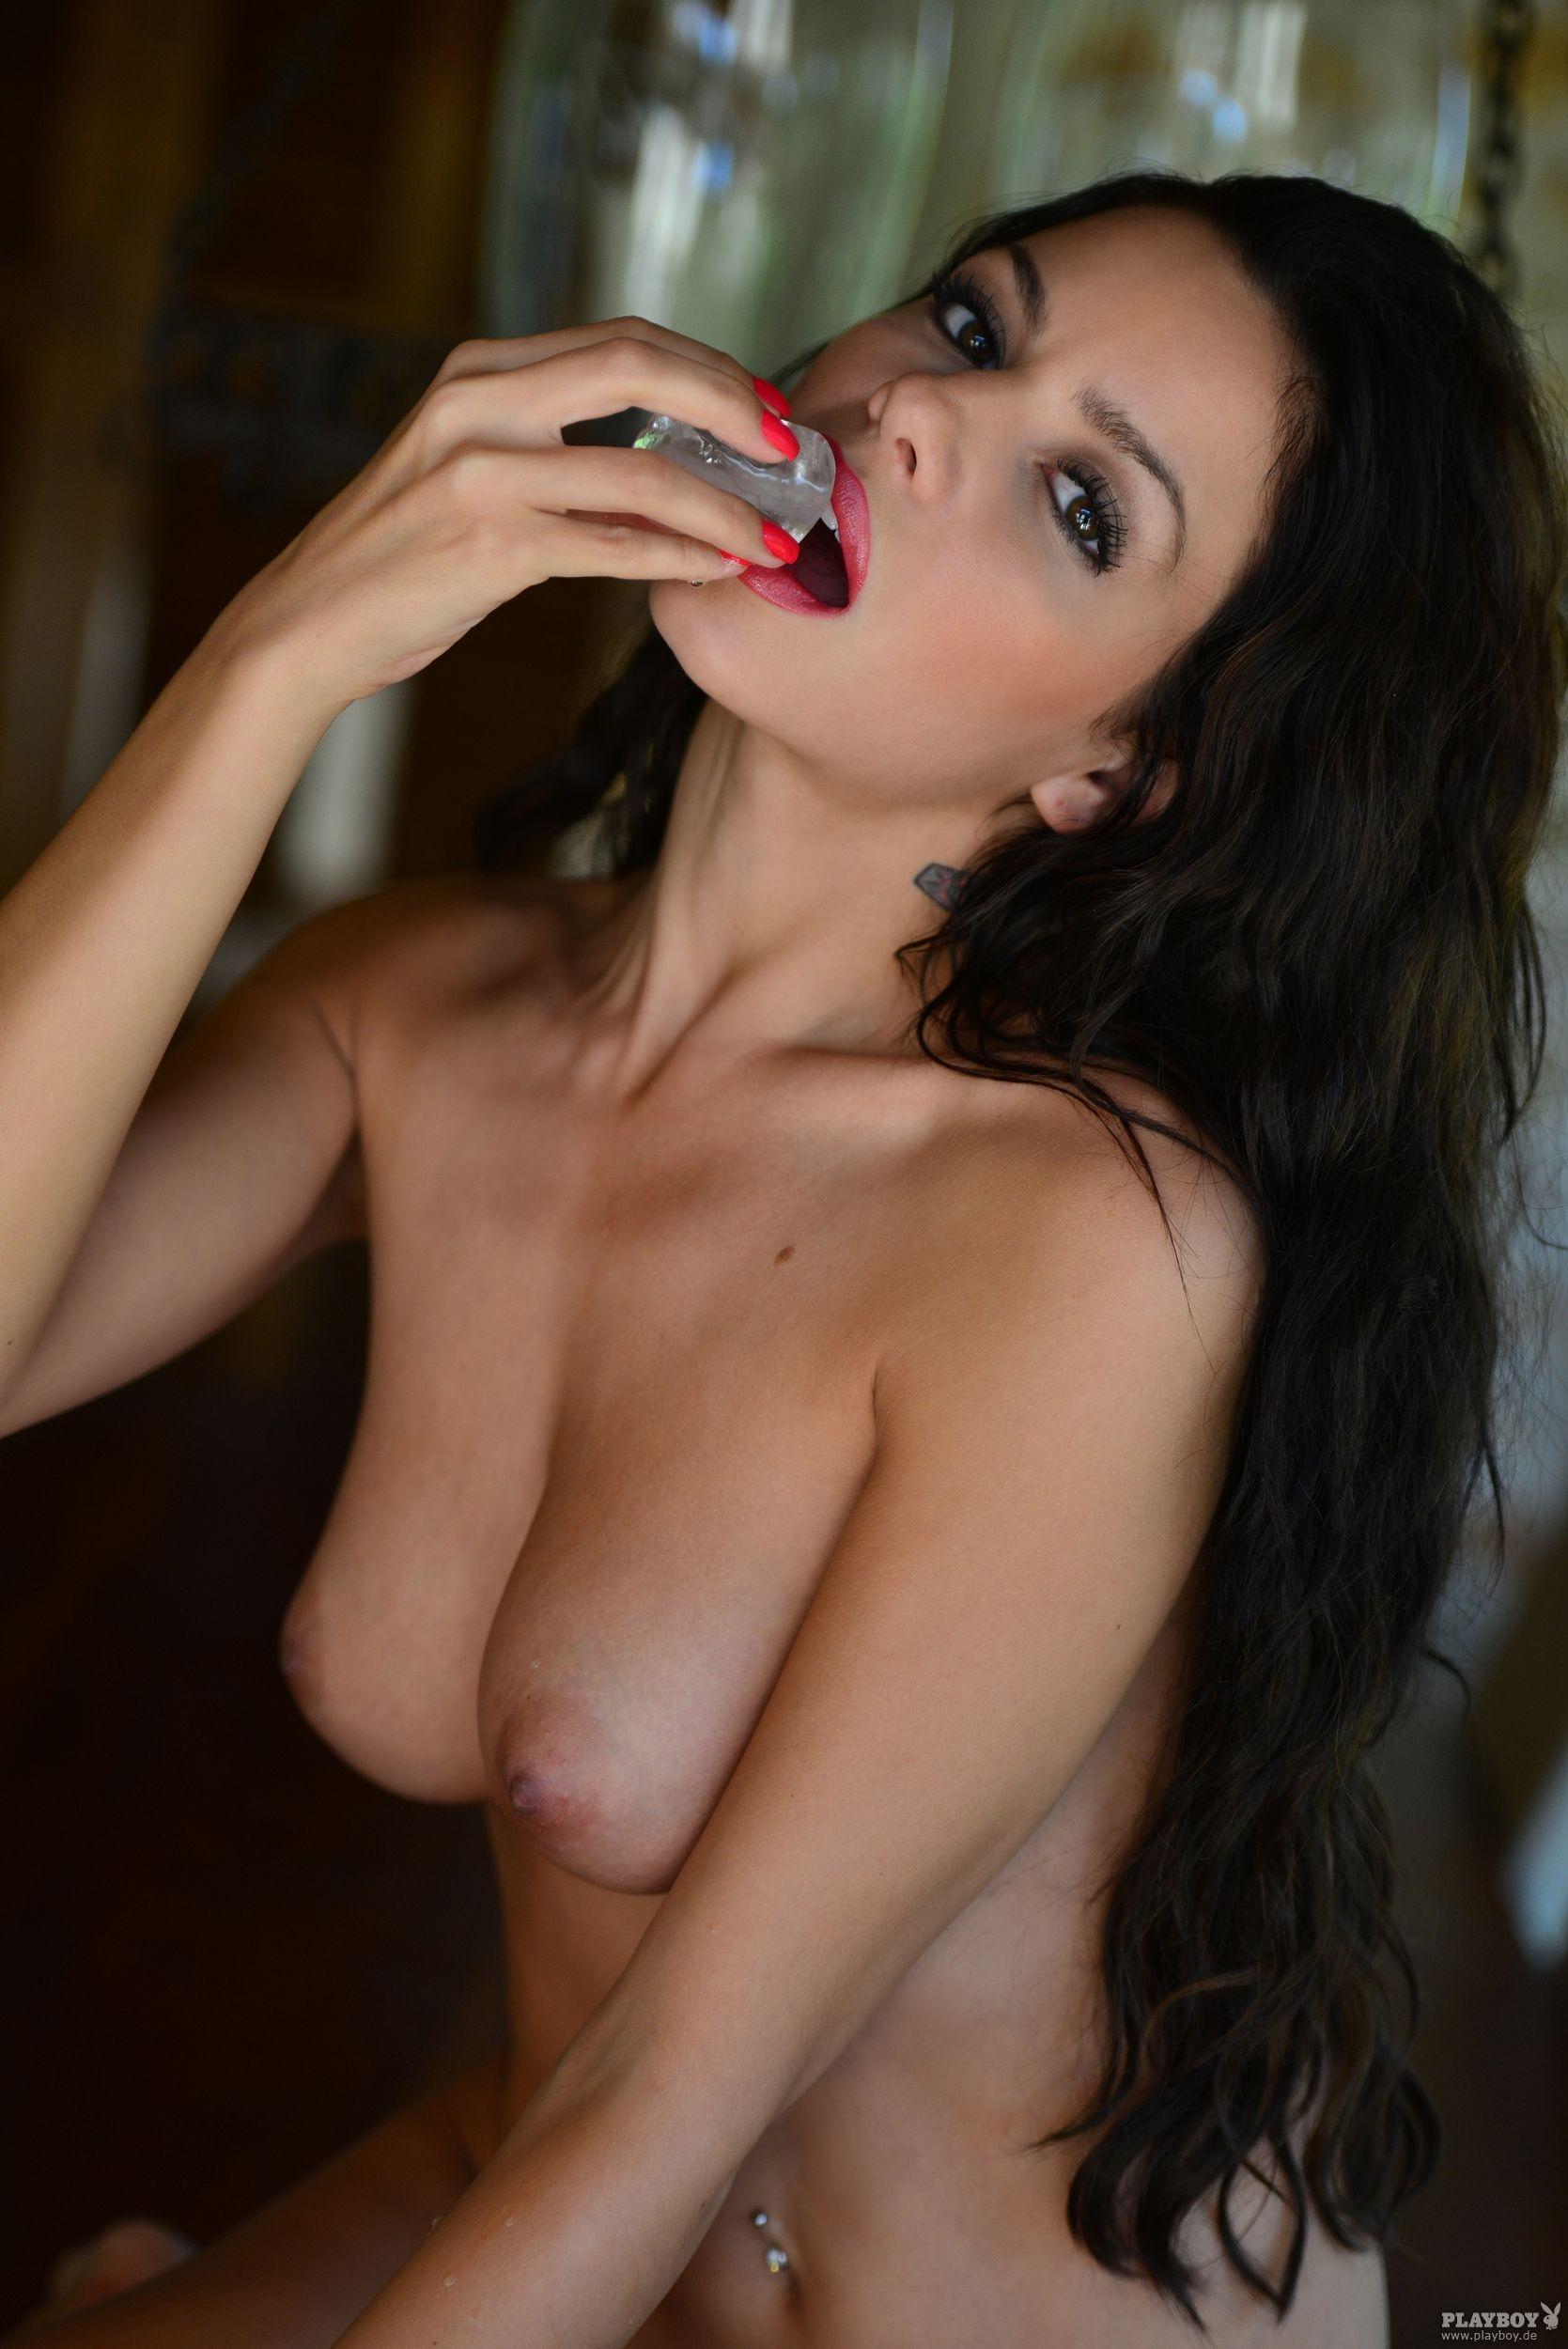 iris-shala-naked-playboy-16